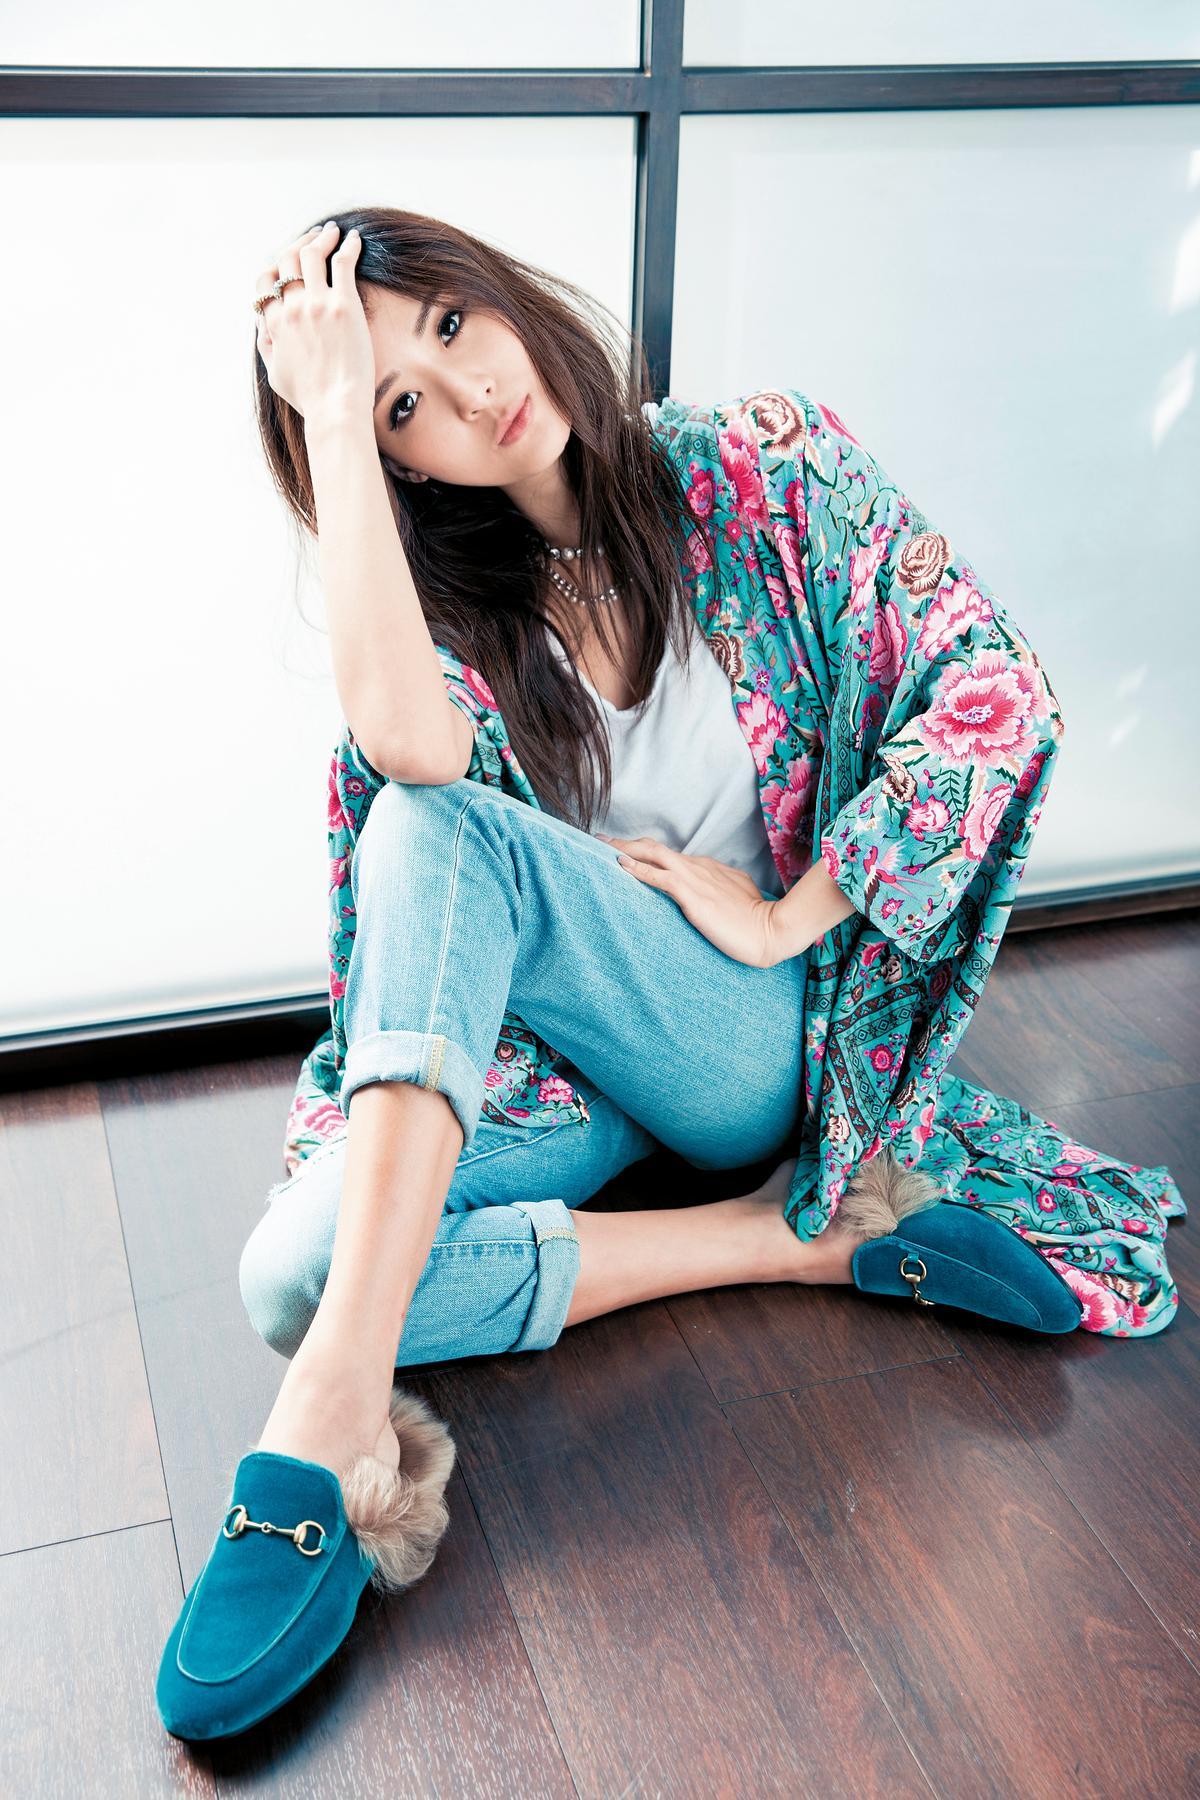 上衣:JAMES PERSE白色T-Shirt 約NT$2,700。 下身:FRAME丹寧褲 約NT$8,000。 罩衫:SPELL的Kimono 約NT$5,000。 鞋子:GUCCI毛拖鞋 約NT$20,000。